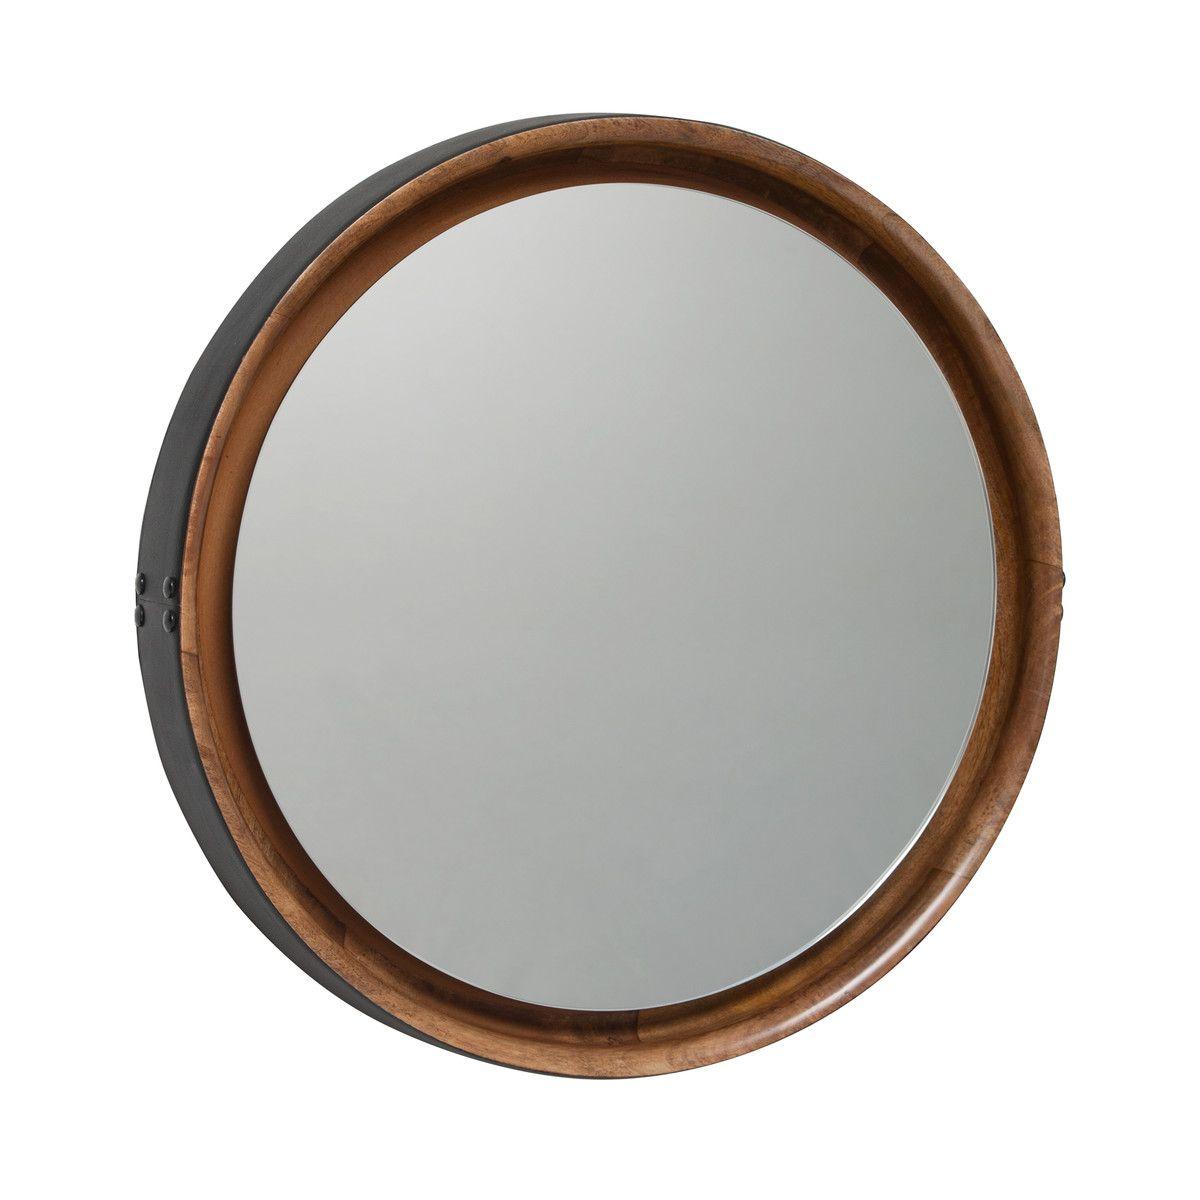 Mater Sophie Mirror klein ˜ 42 cm schwarz braun